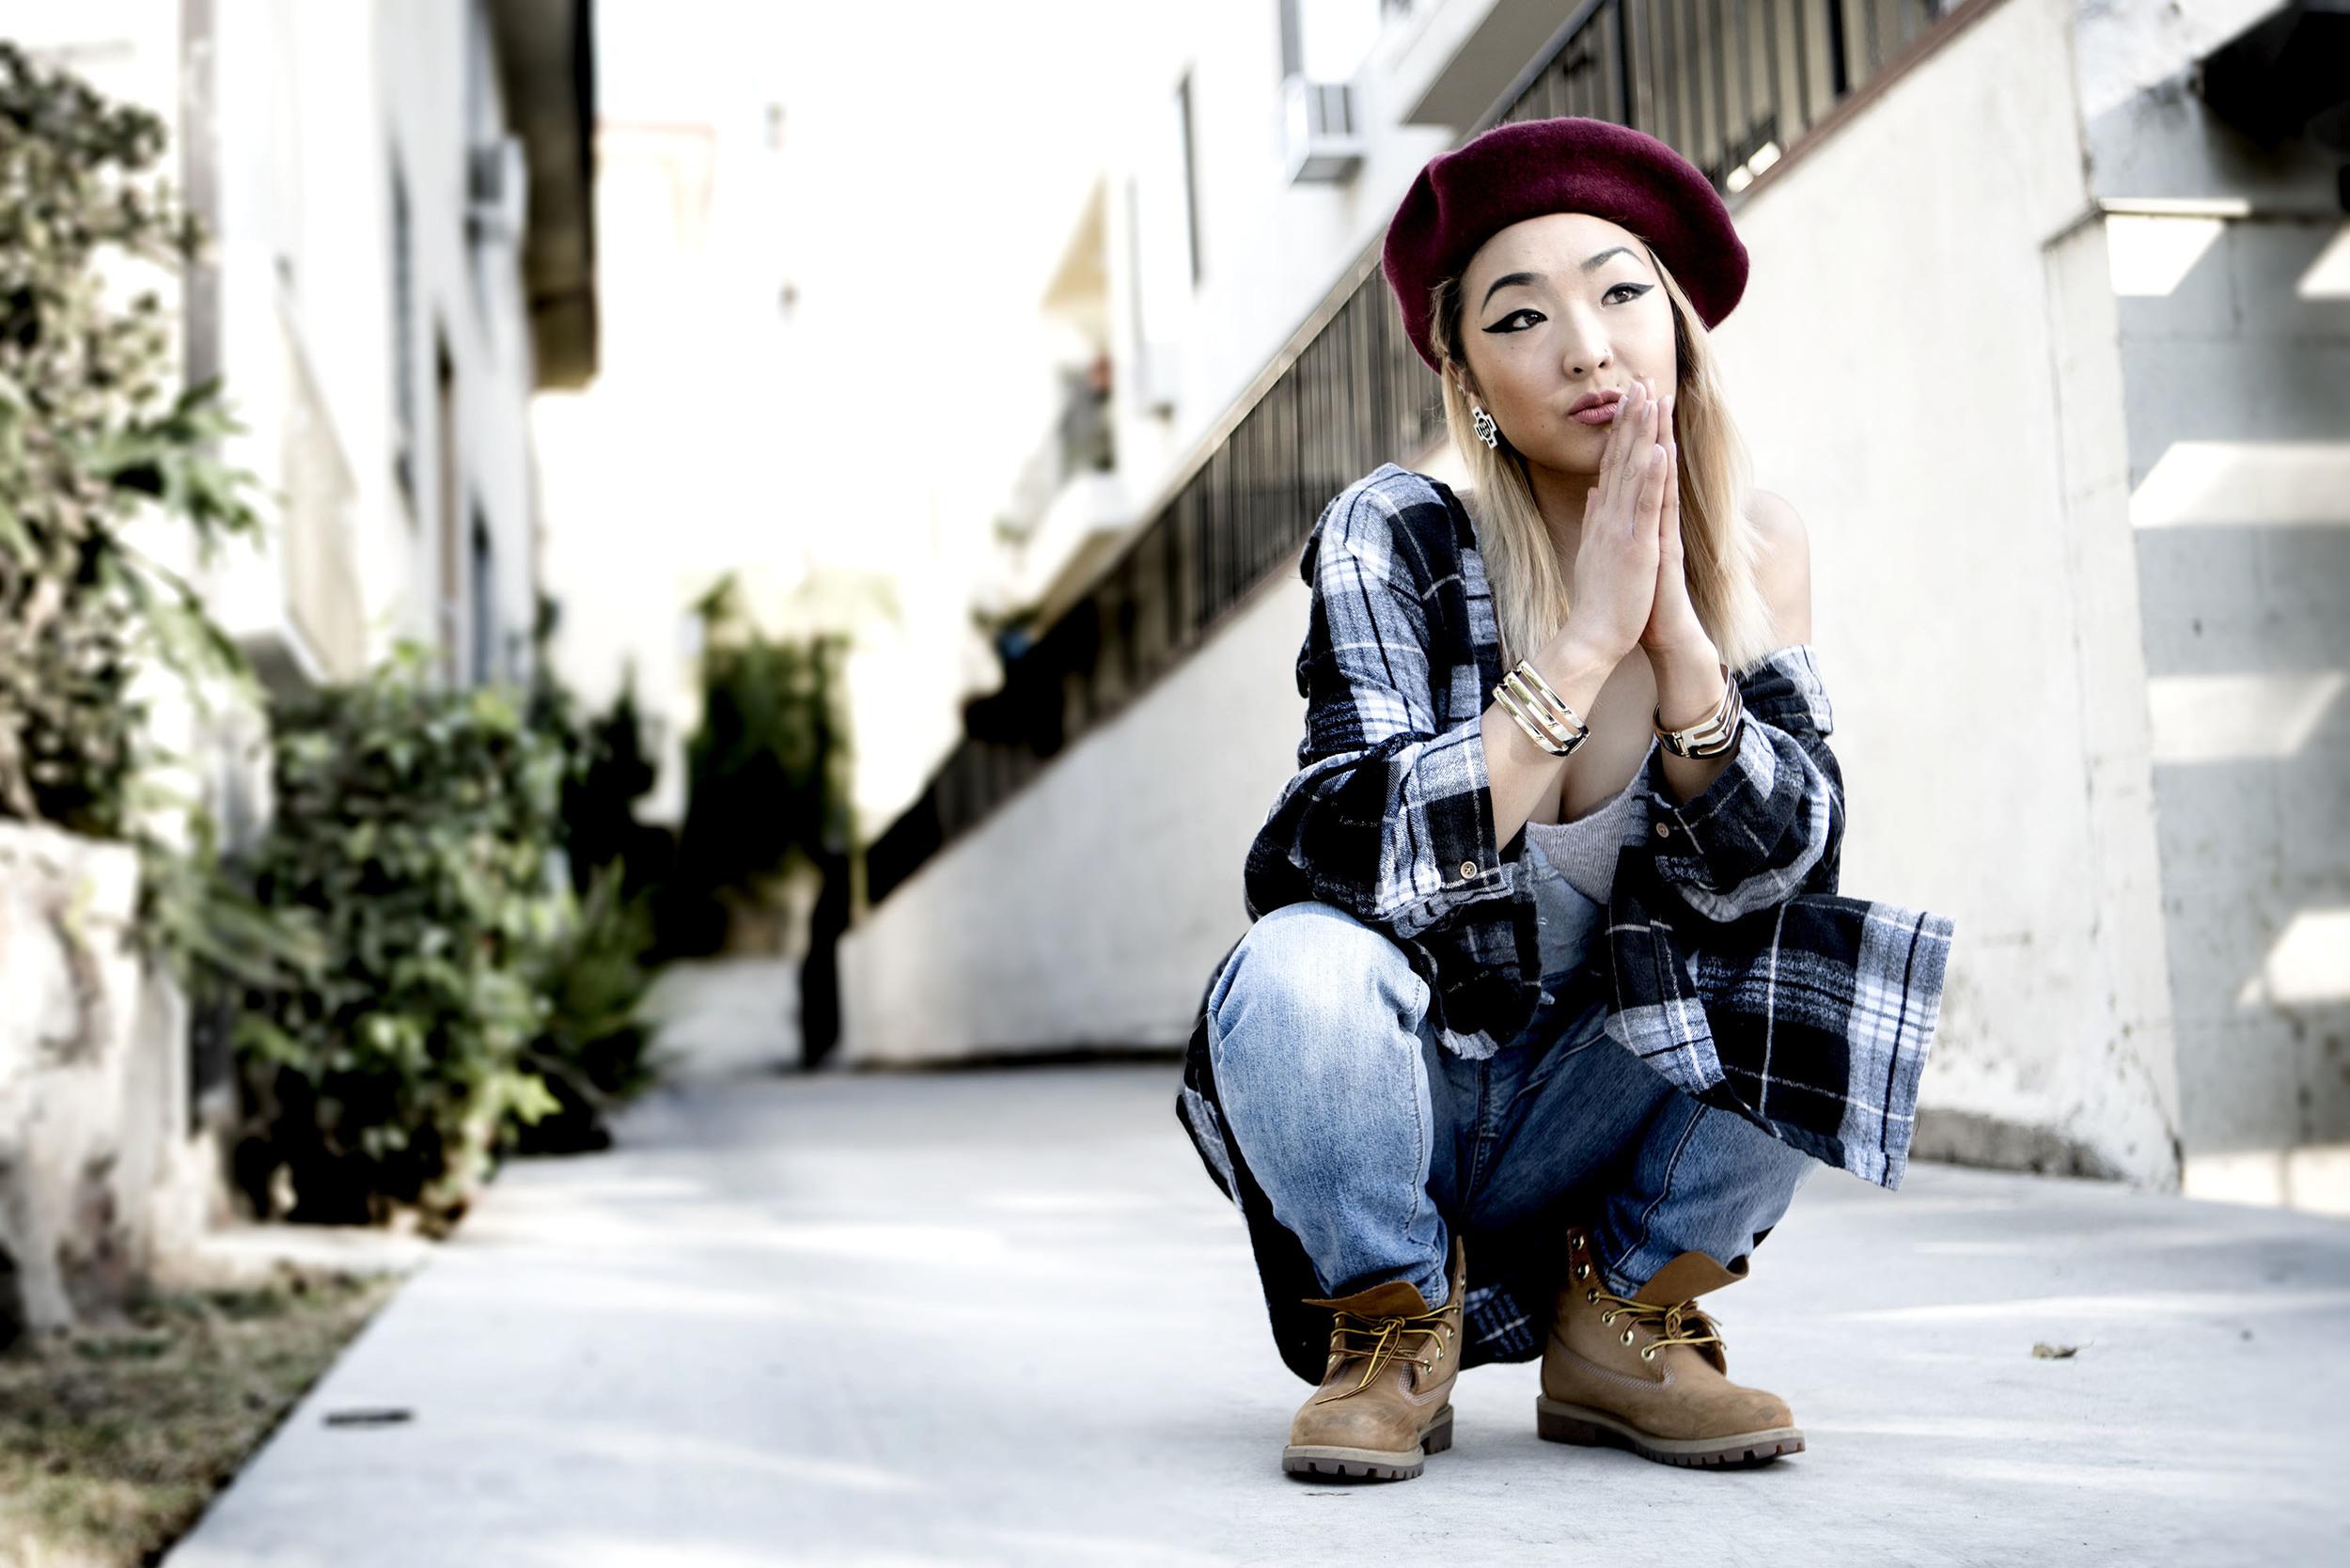 justfeng ryan feng lydia paek ootd fashion editorial